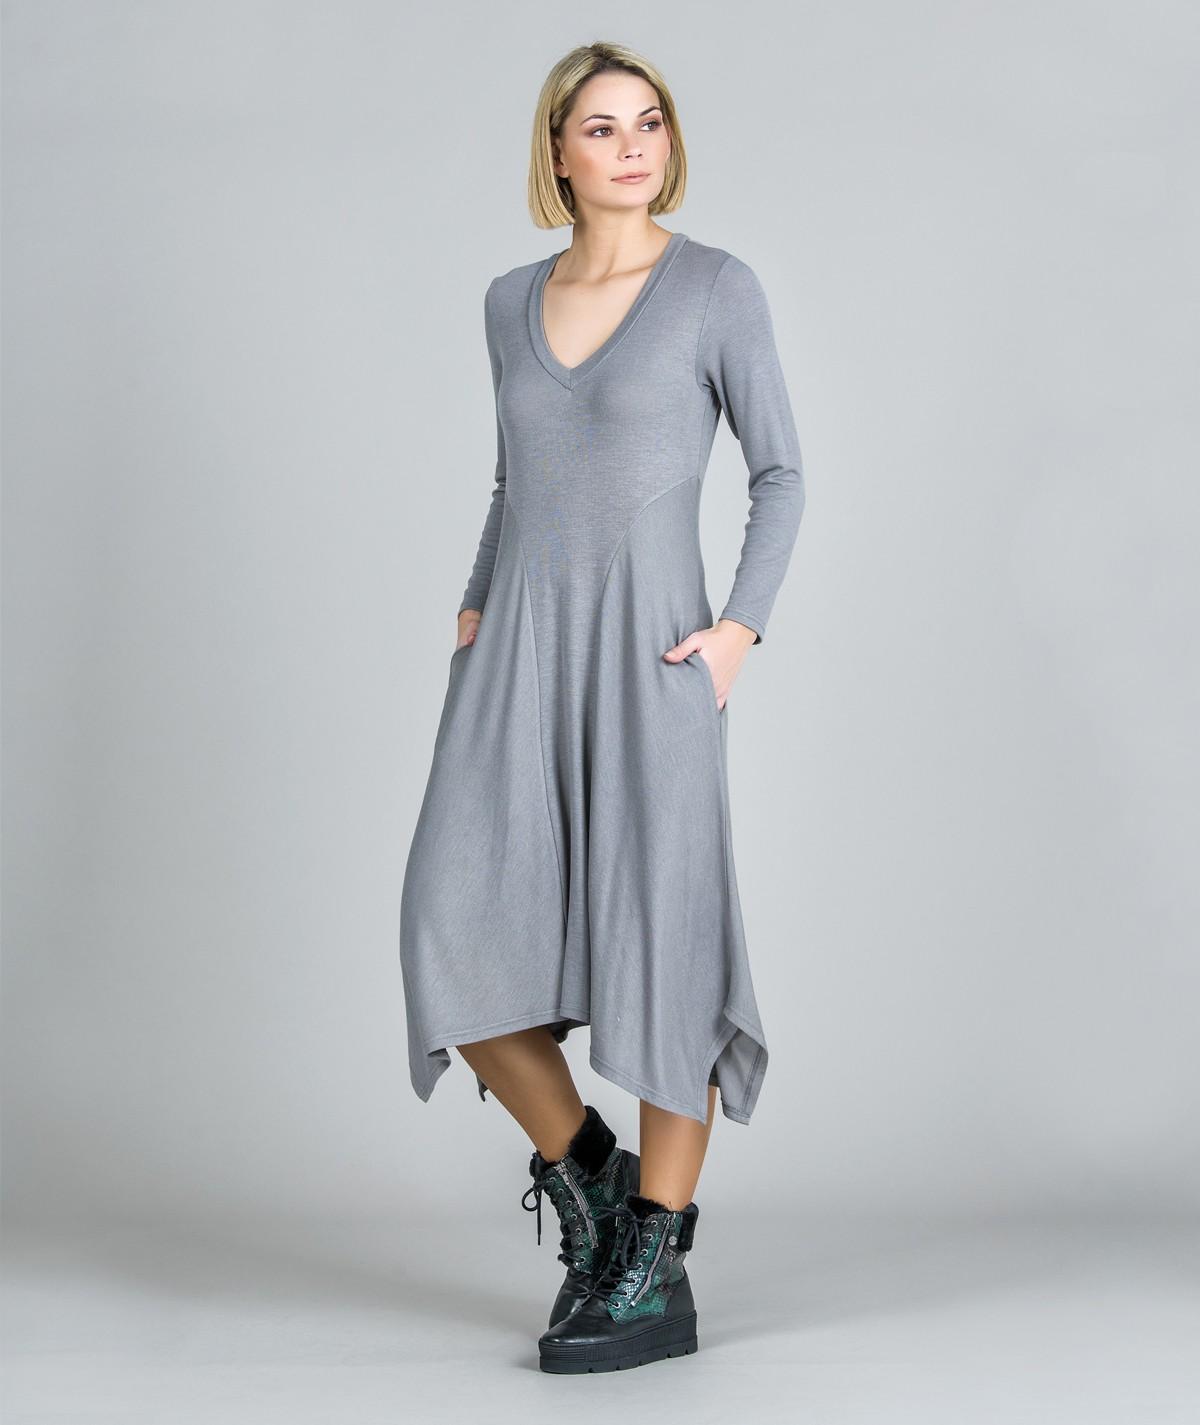 Vestido decote V com pontas